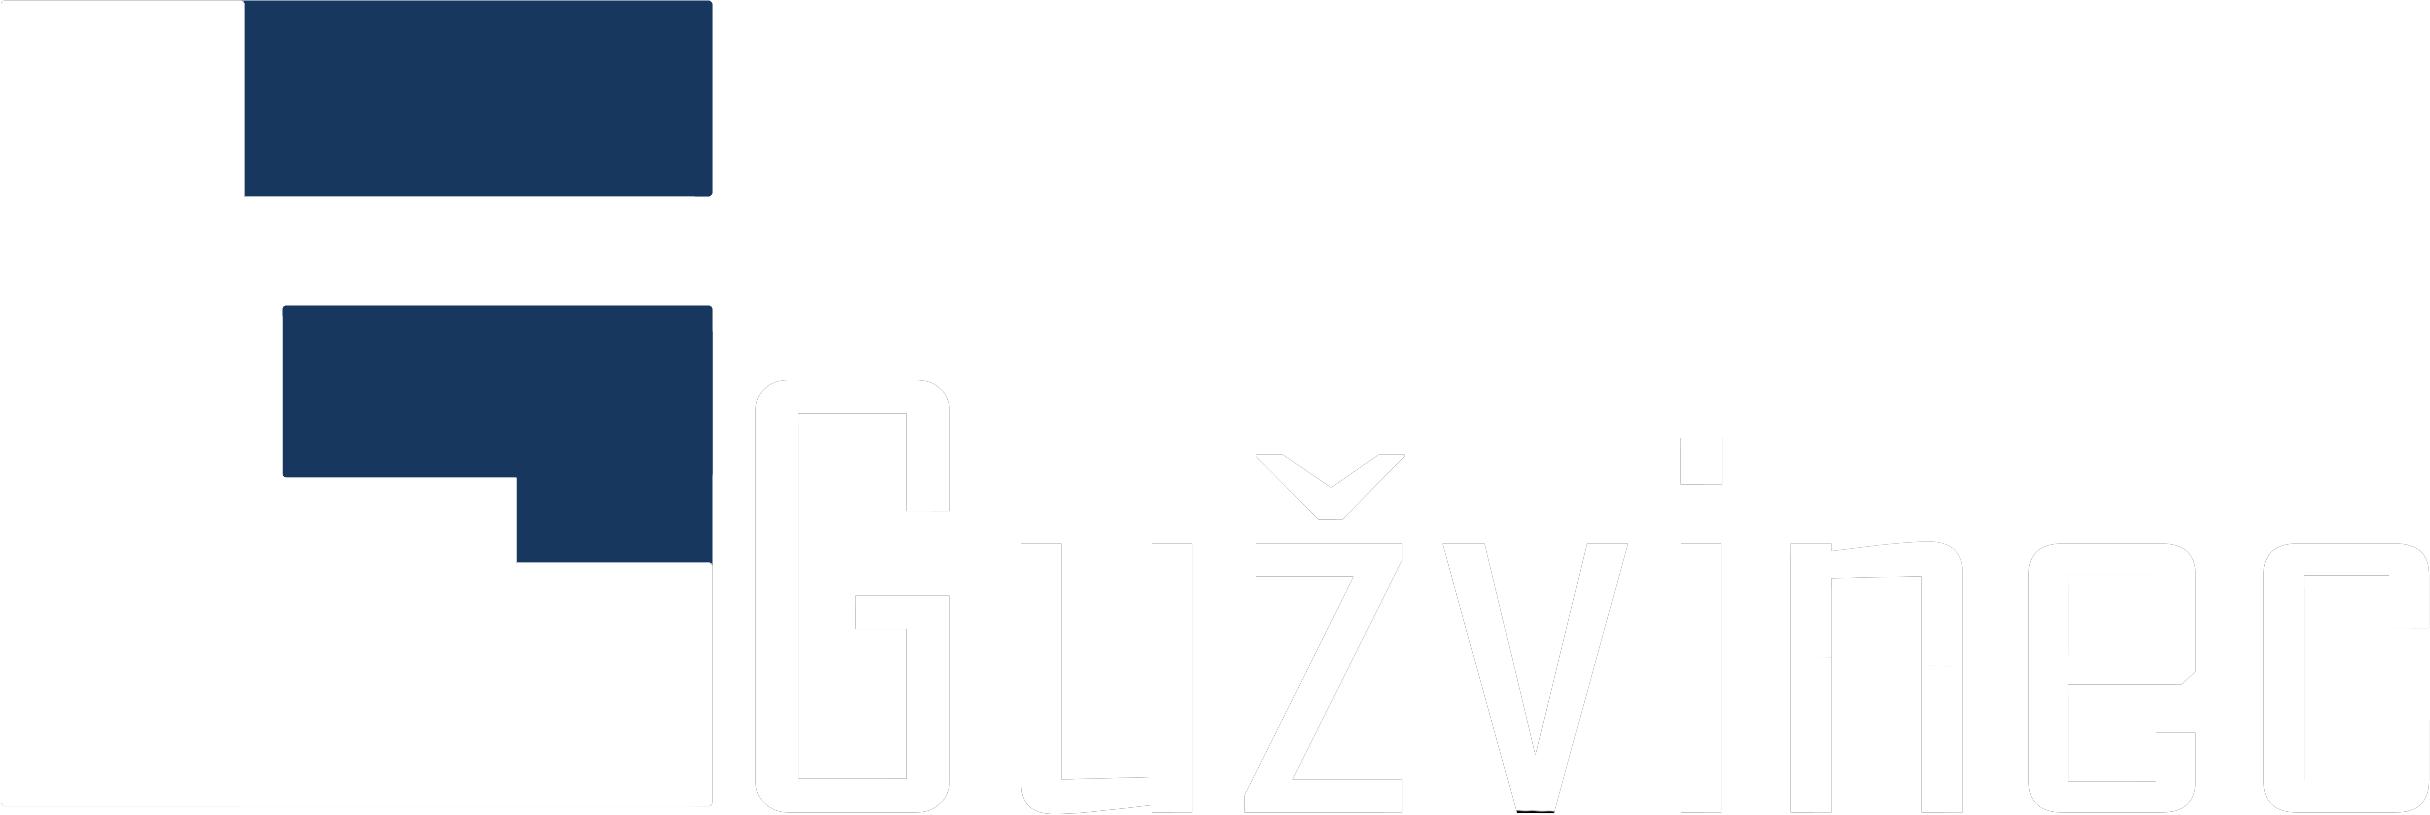 Limarija Gužvinec logo bijeli